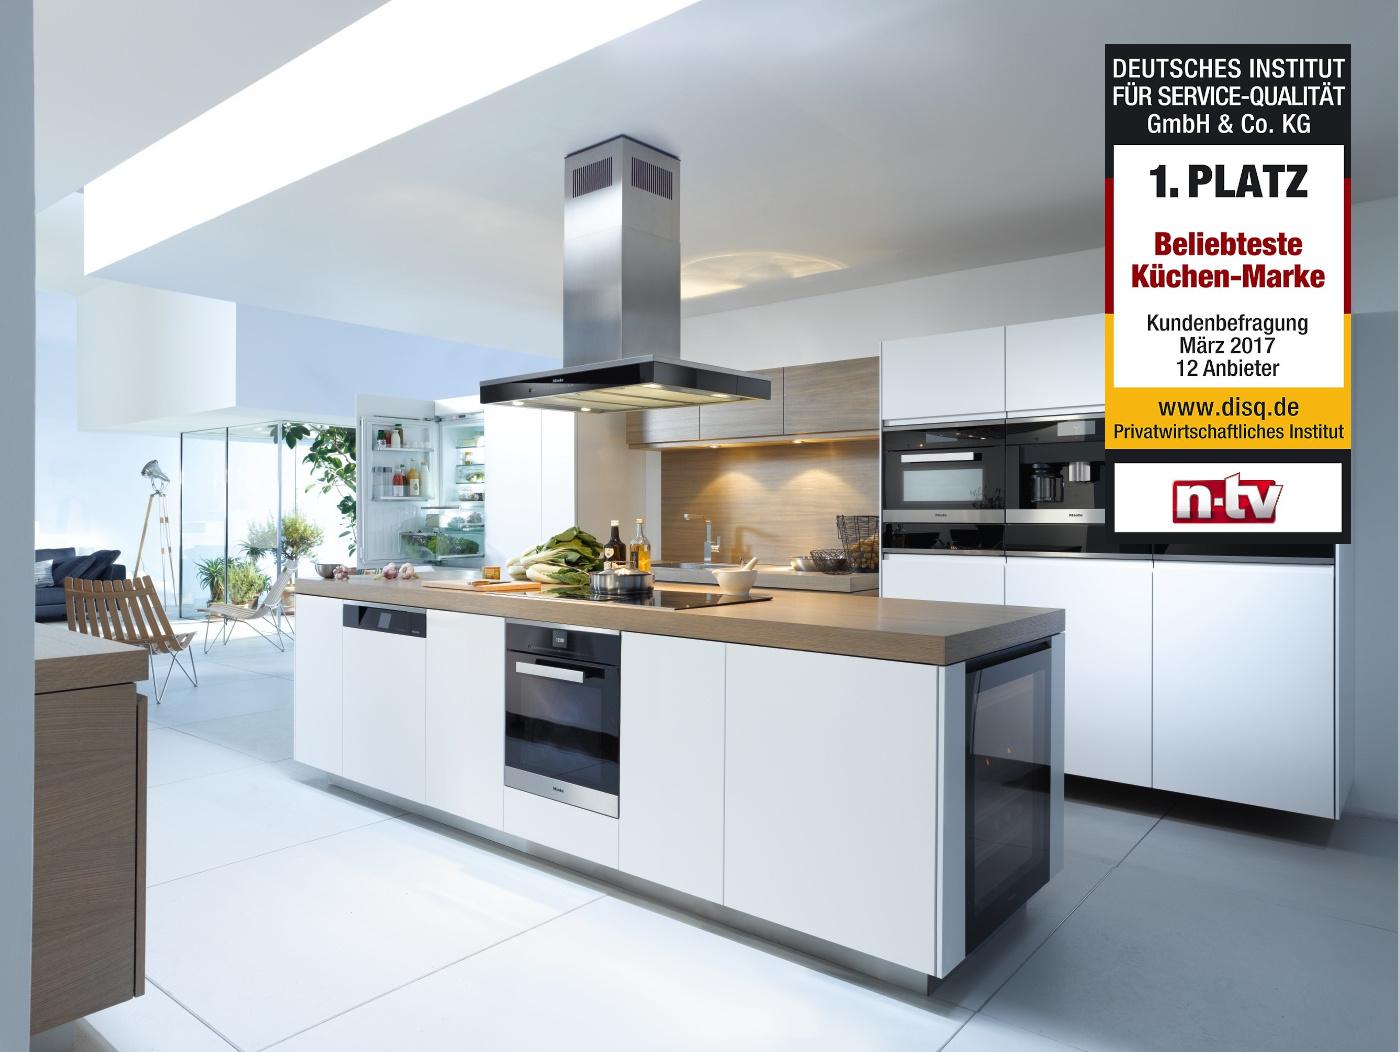 Full Size of Küche Nolte Abverkauf Küche Nolte Glasfront Weiße Hochglanz Küche Nolte Küche Nolte Preisliste Küche Küche Nolte